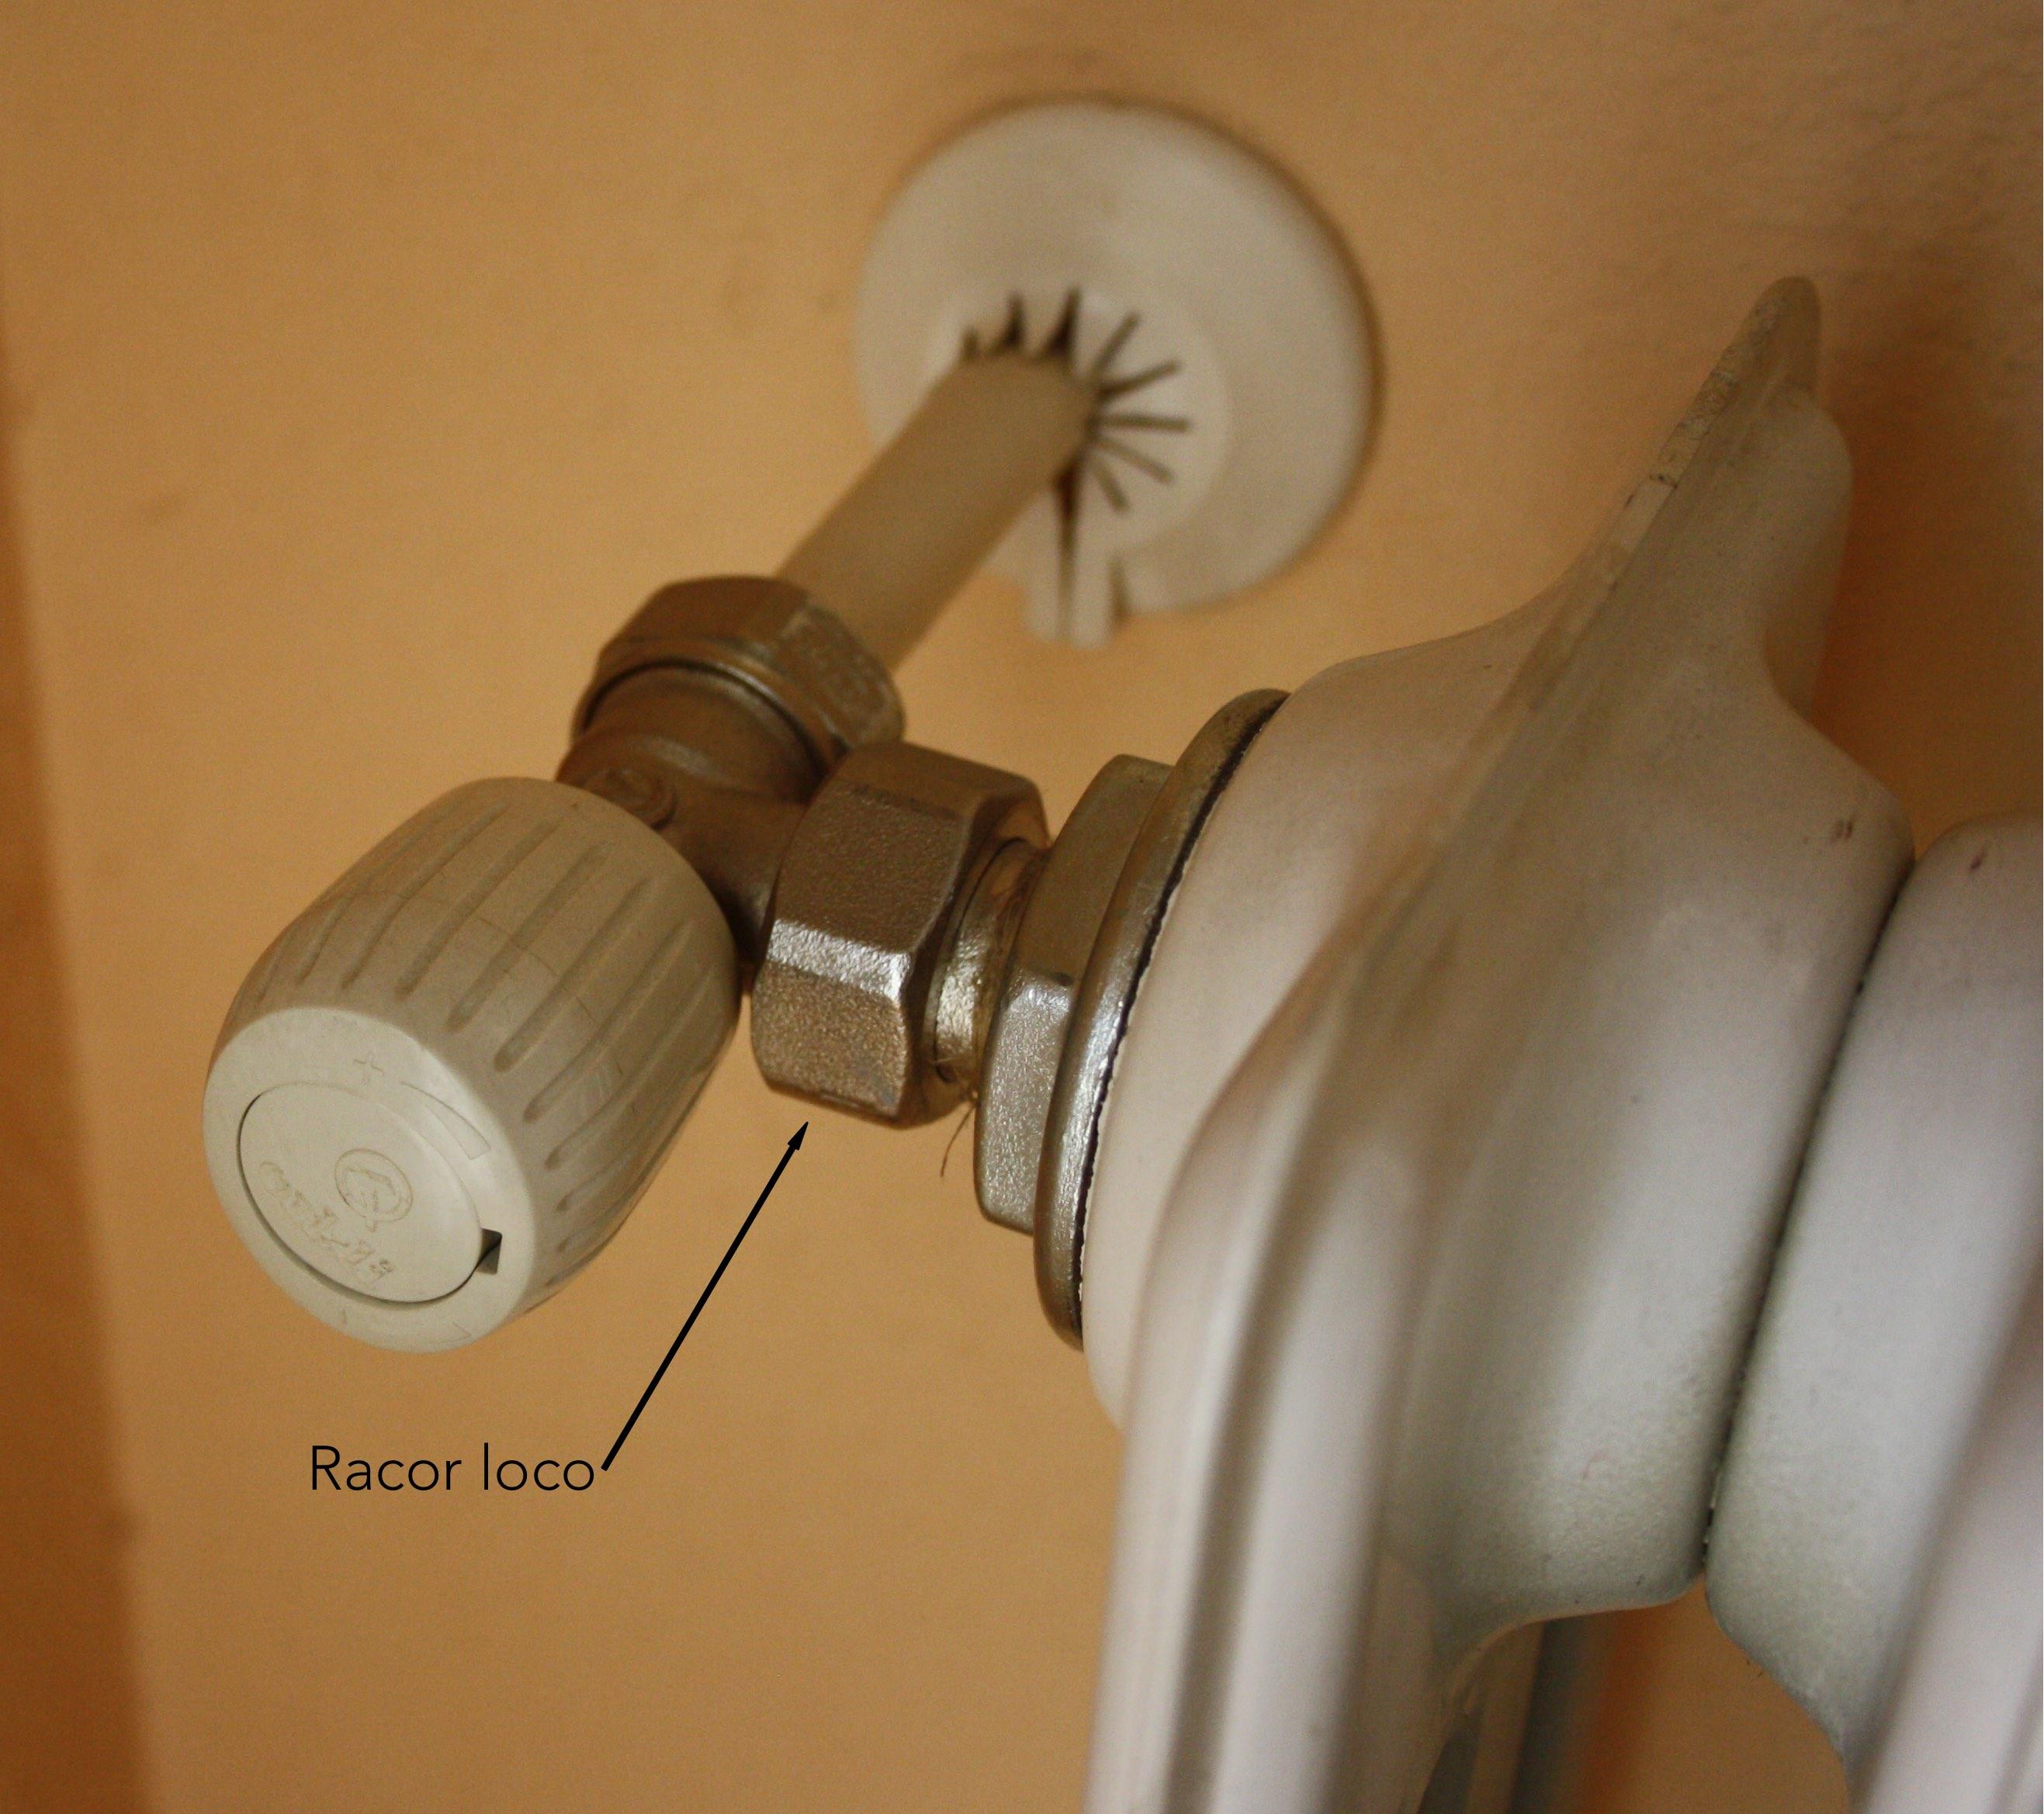 Como limpiar los radiadores de casa por dentro for Radiador pierde agua por llave